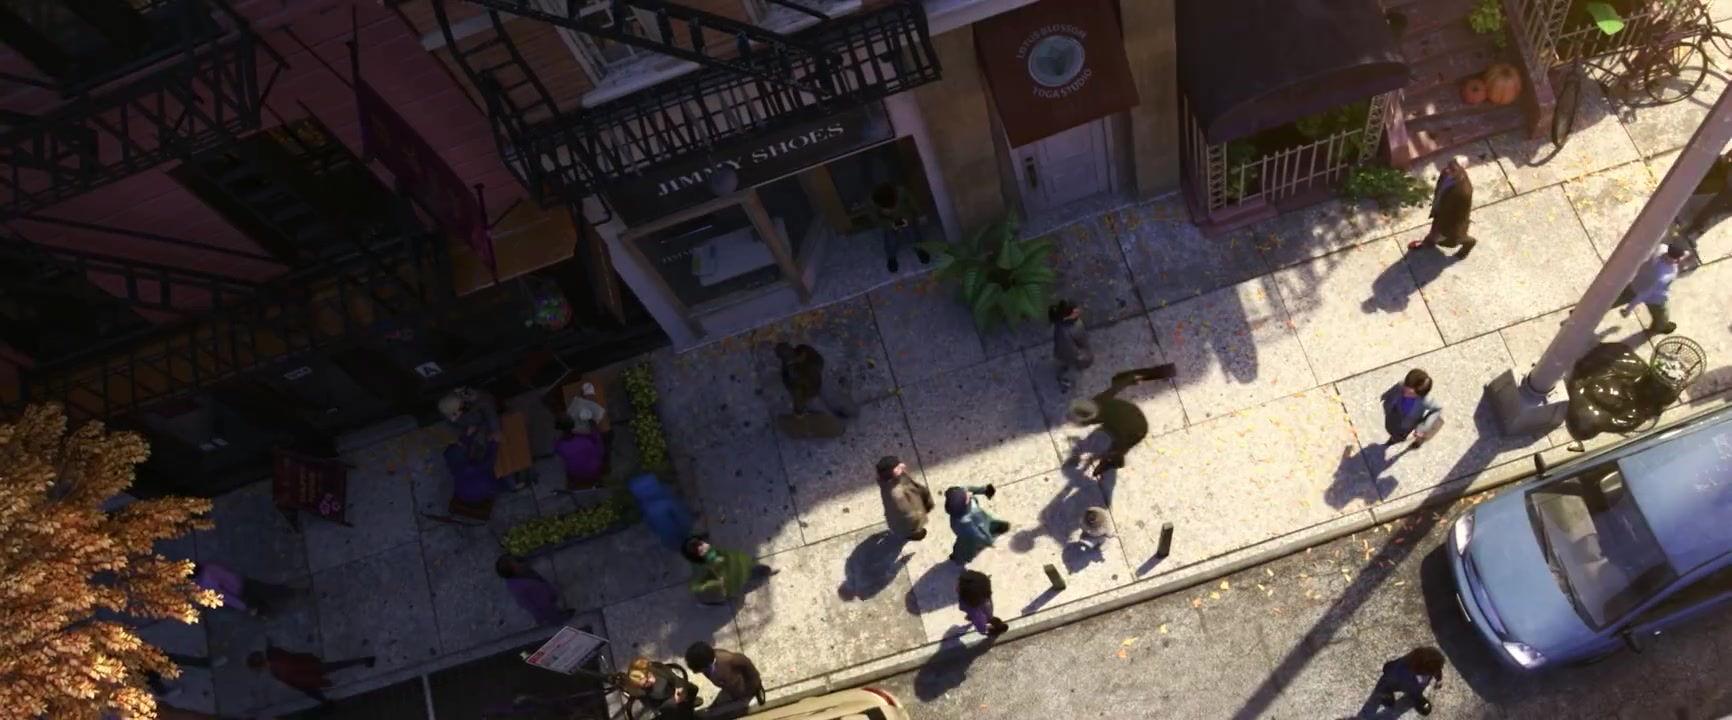 皮克斯全新原创动画电影《SOUL》发布先导中字预告片-玩懂手机网 - 玩懂手机第一手的手机资讯网(www.wdshouji.com)